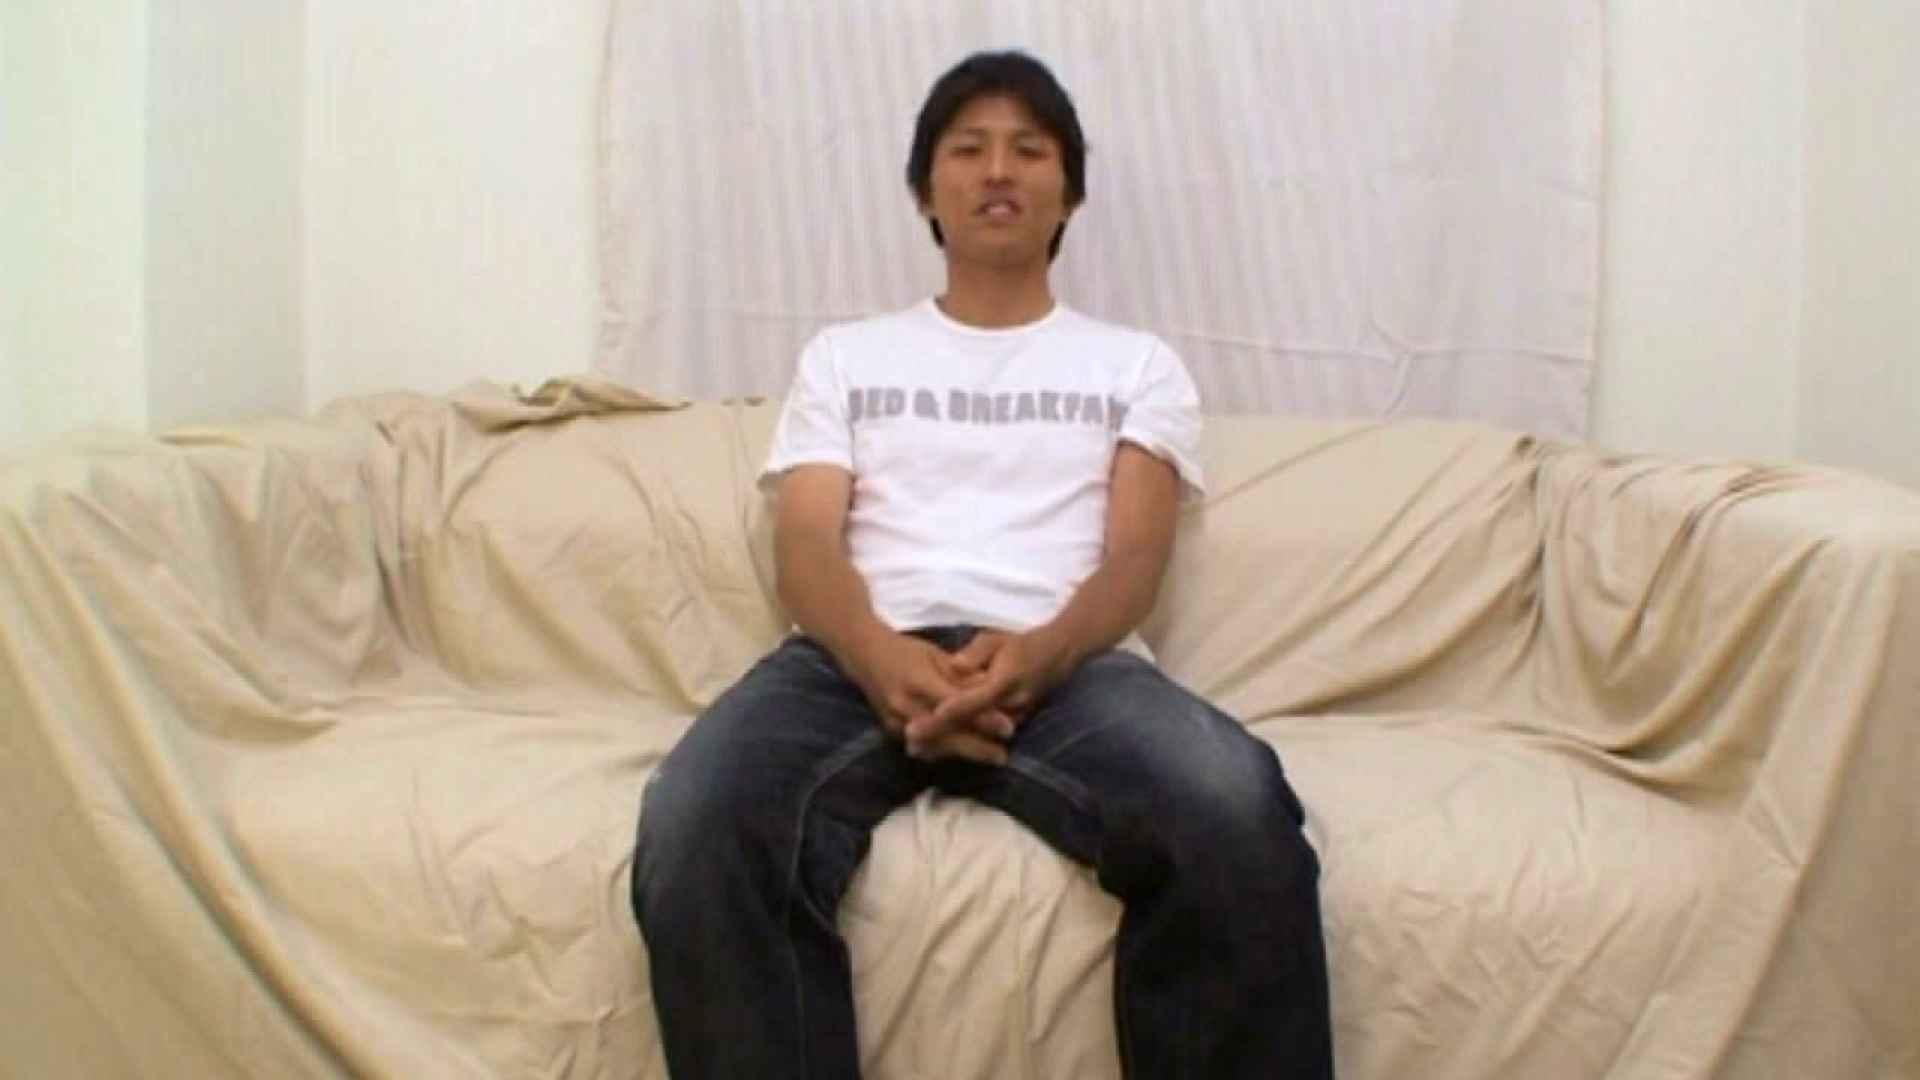 イケメンズエステティック倶楽部Case.01 手コキ ゲイアダルトビデオ画像 89pic 30